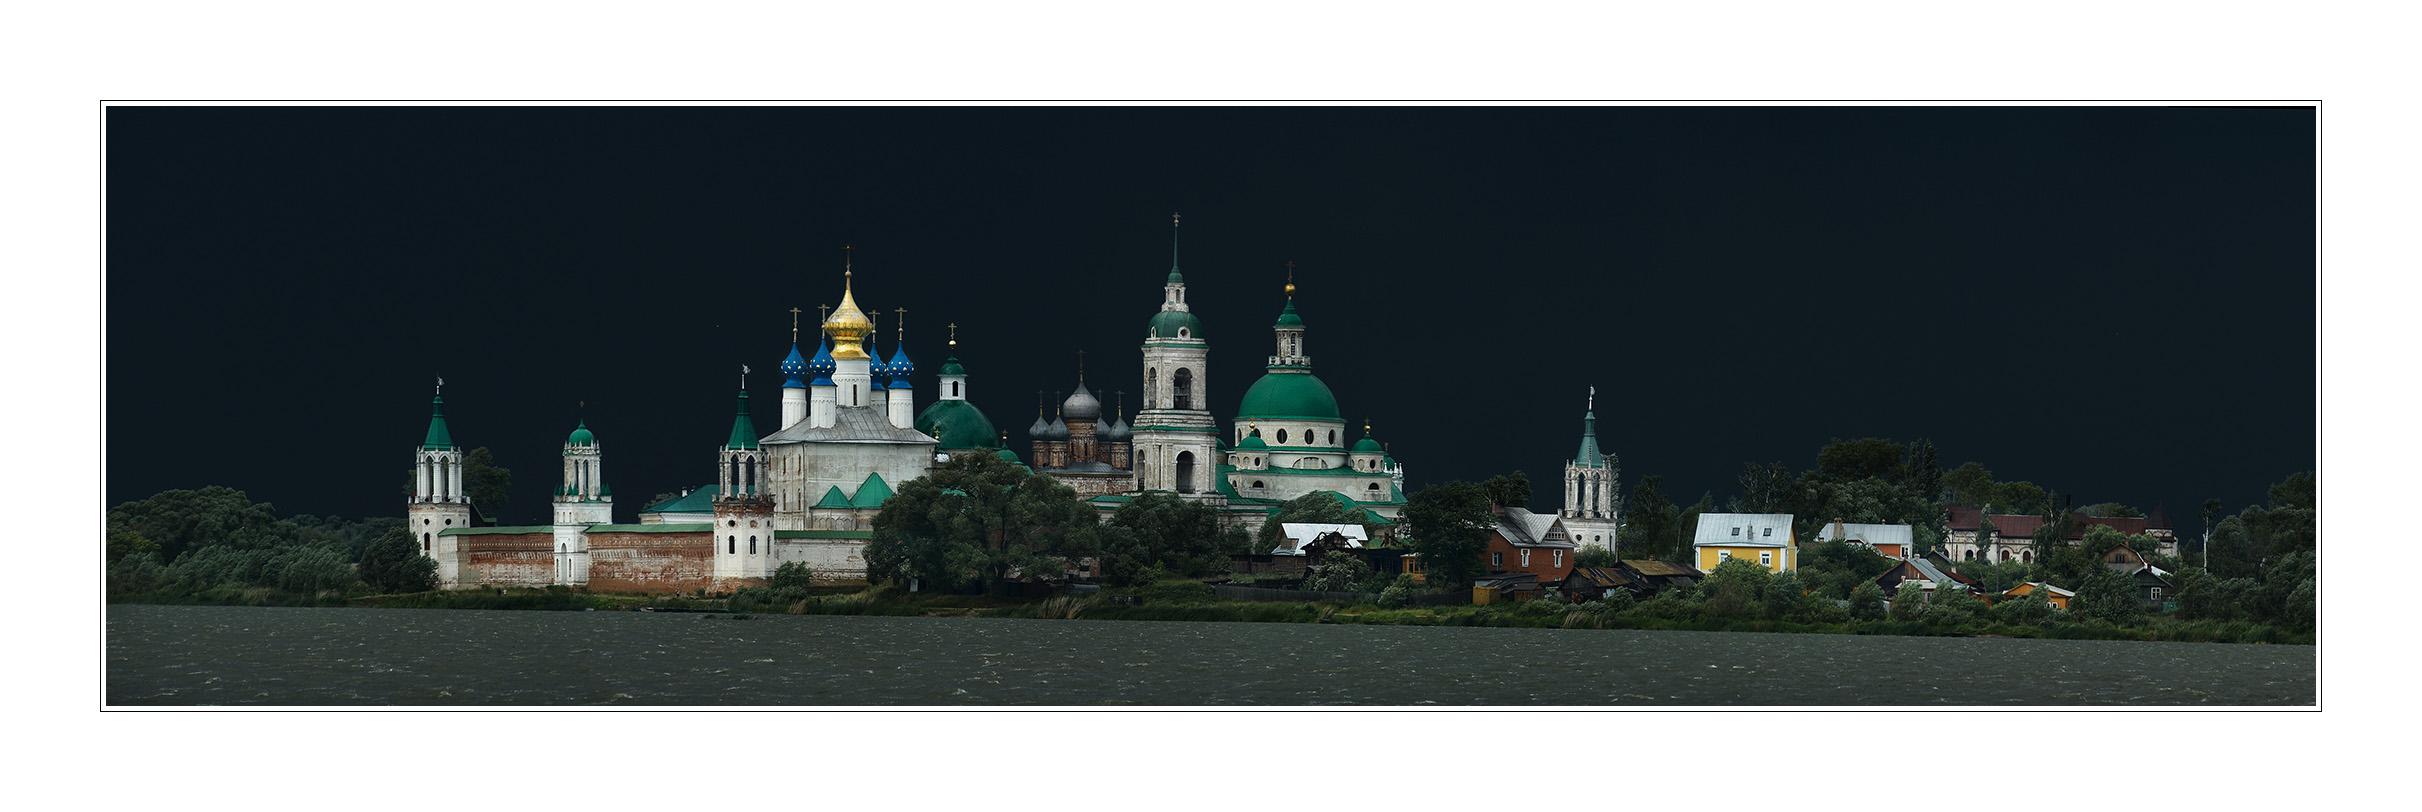 Yaroslavl region, Rostov the Great, Spaso-Yakovlevsky monastery